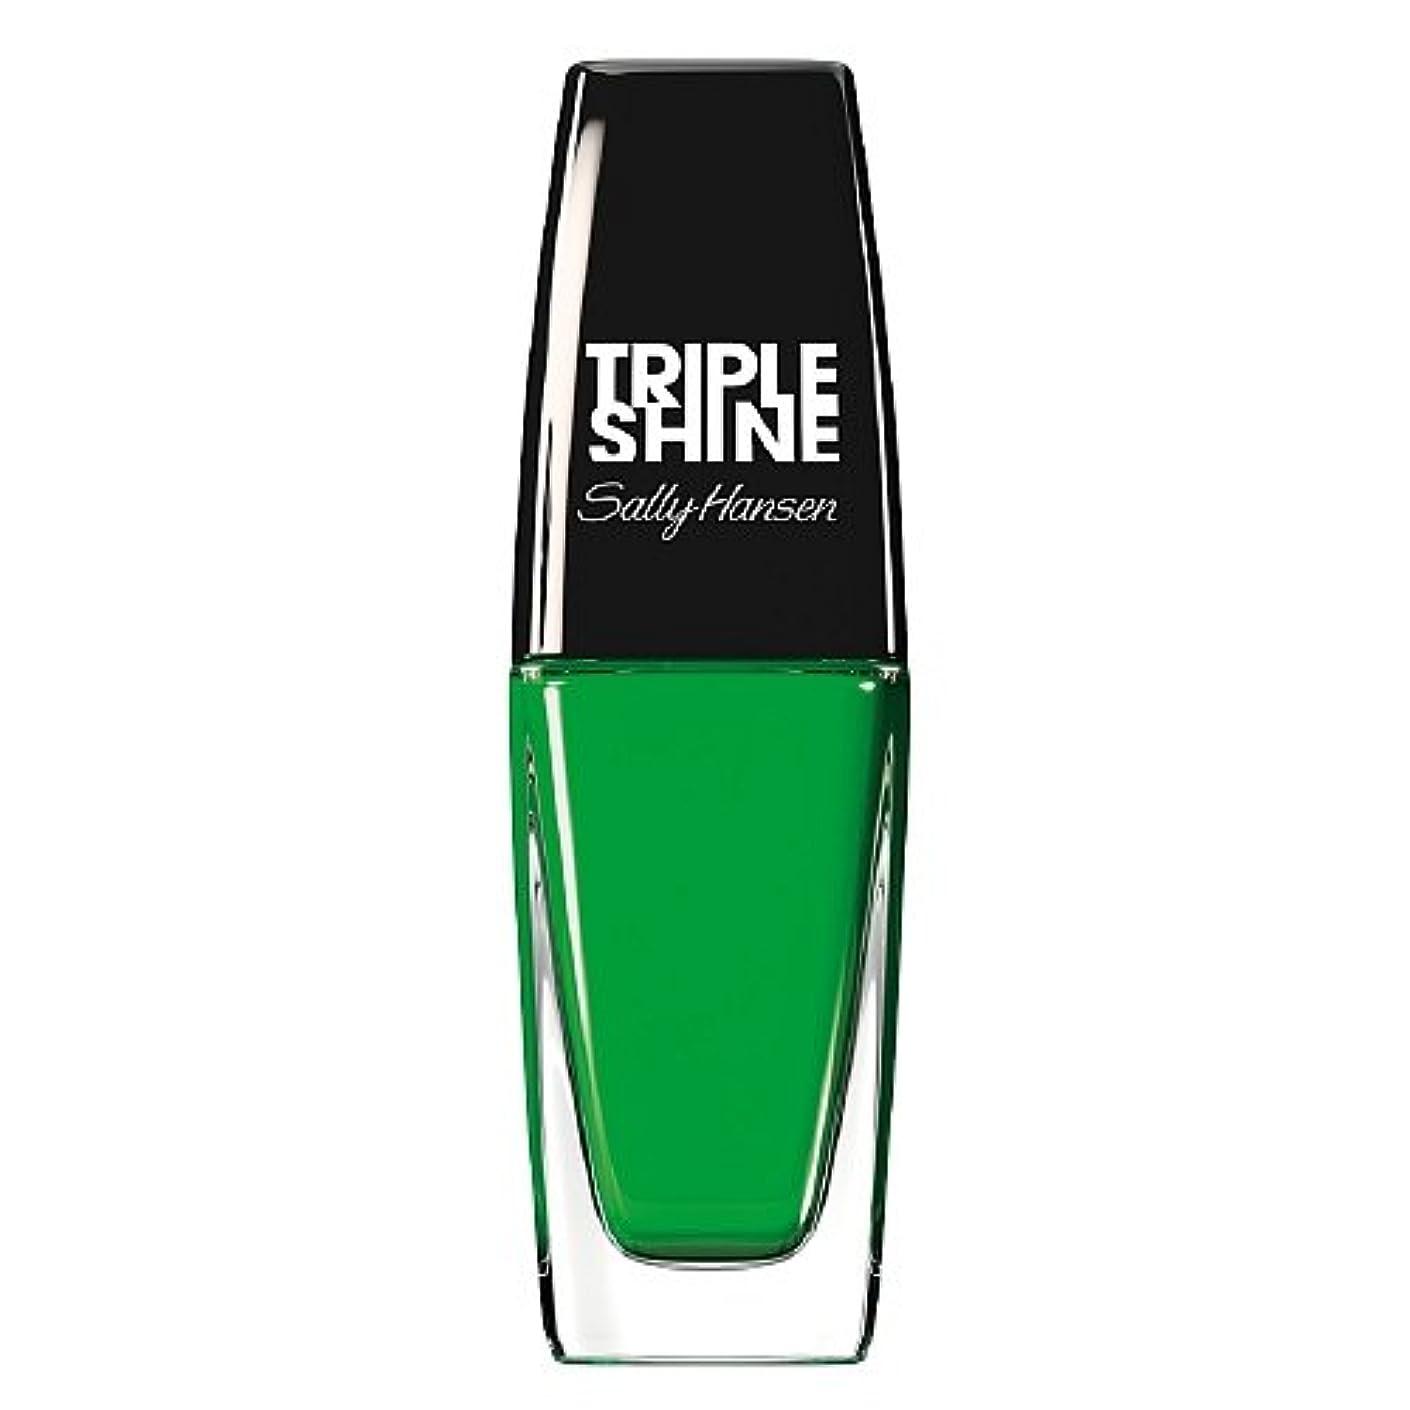 経営者バドミントンおばさんSALLY HANSEN Triple Shine Nail Polish - Kelp Out (並行輸入品)